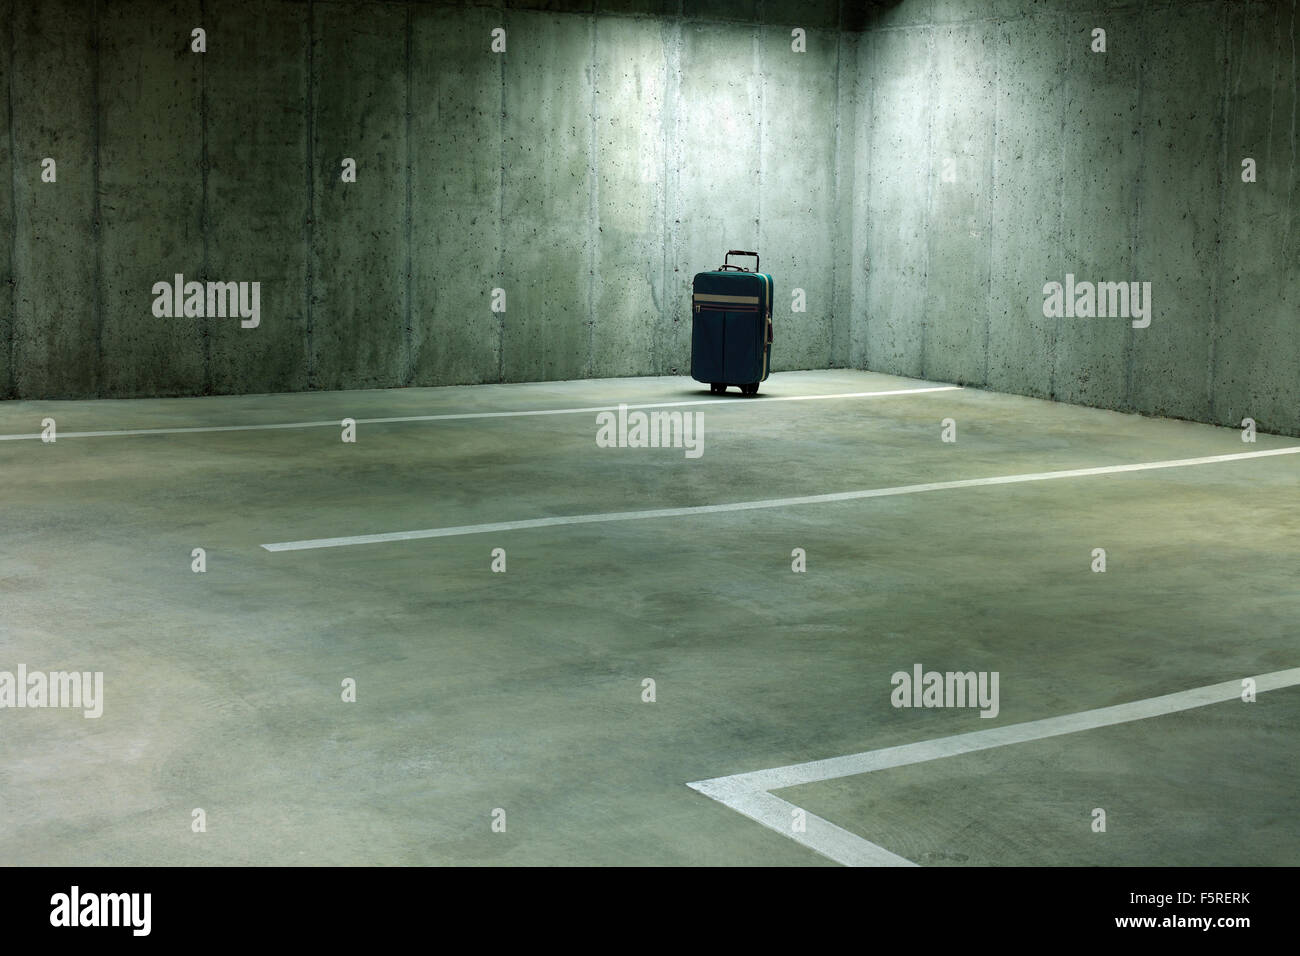 Maleta olvidada en el garaje vacío Imagen De Stock